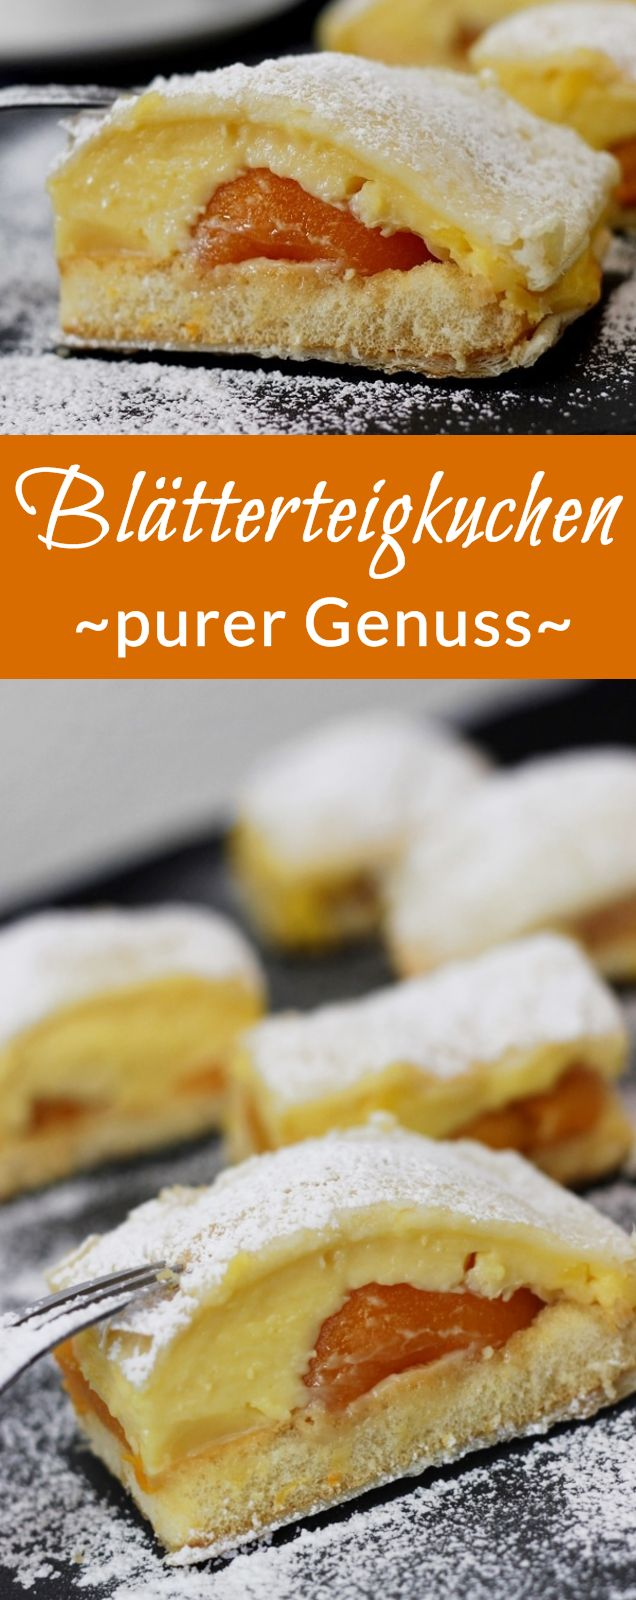 Rezept: Blätterteigkuchen mit Vanillepudding, Biskuit und Pfirsischen| #rezept #blätterteig #kuchen